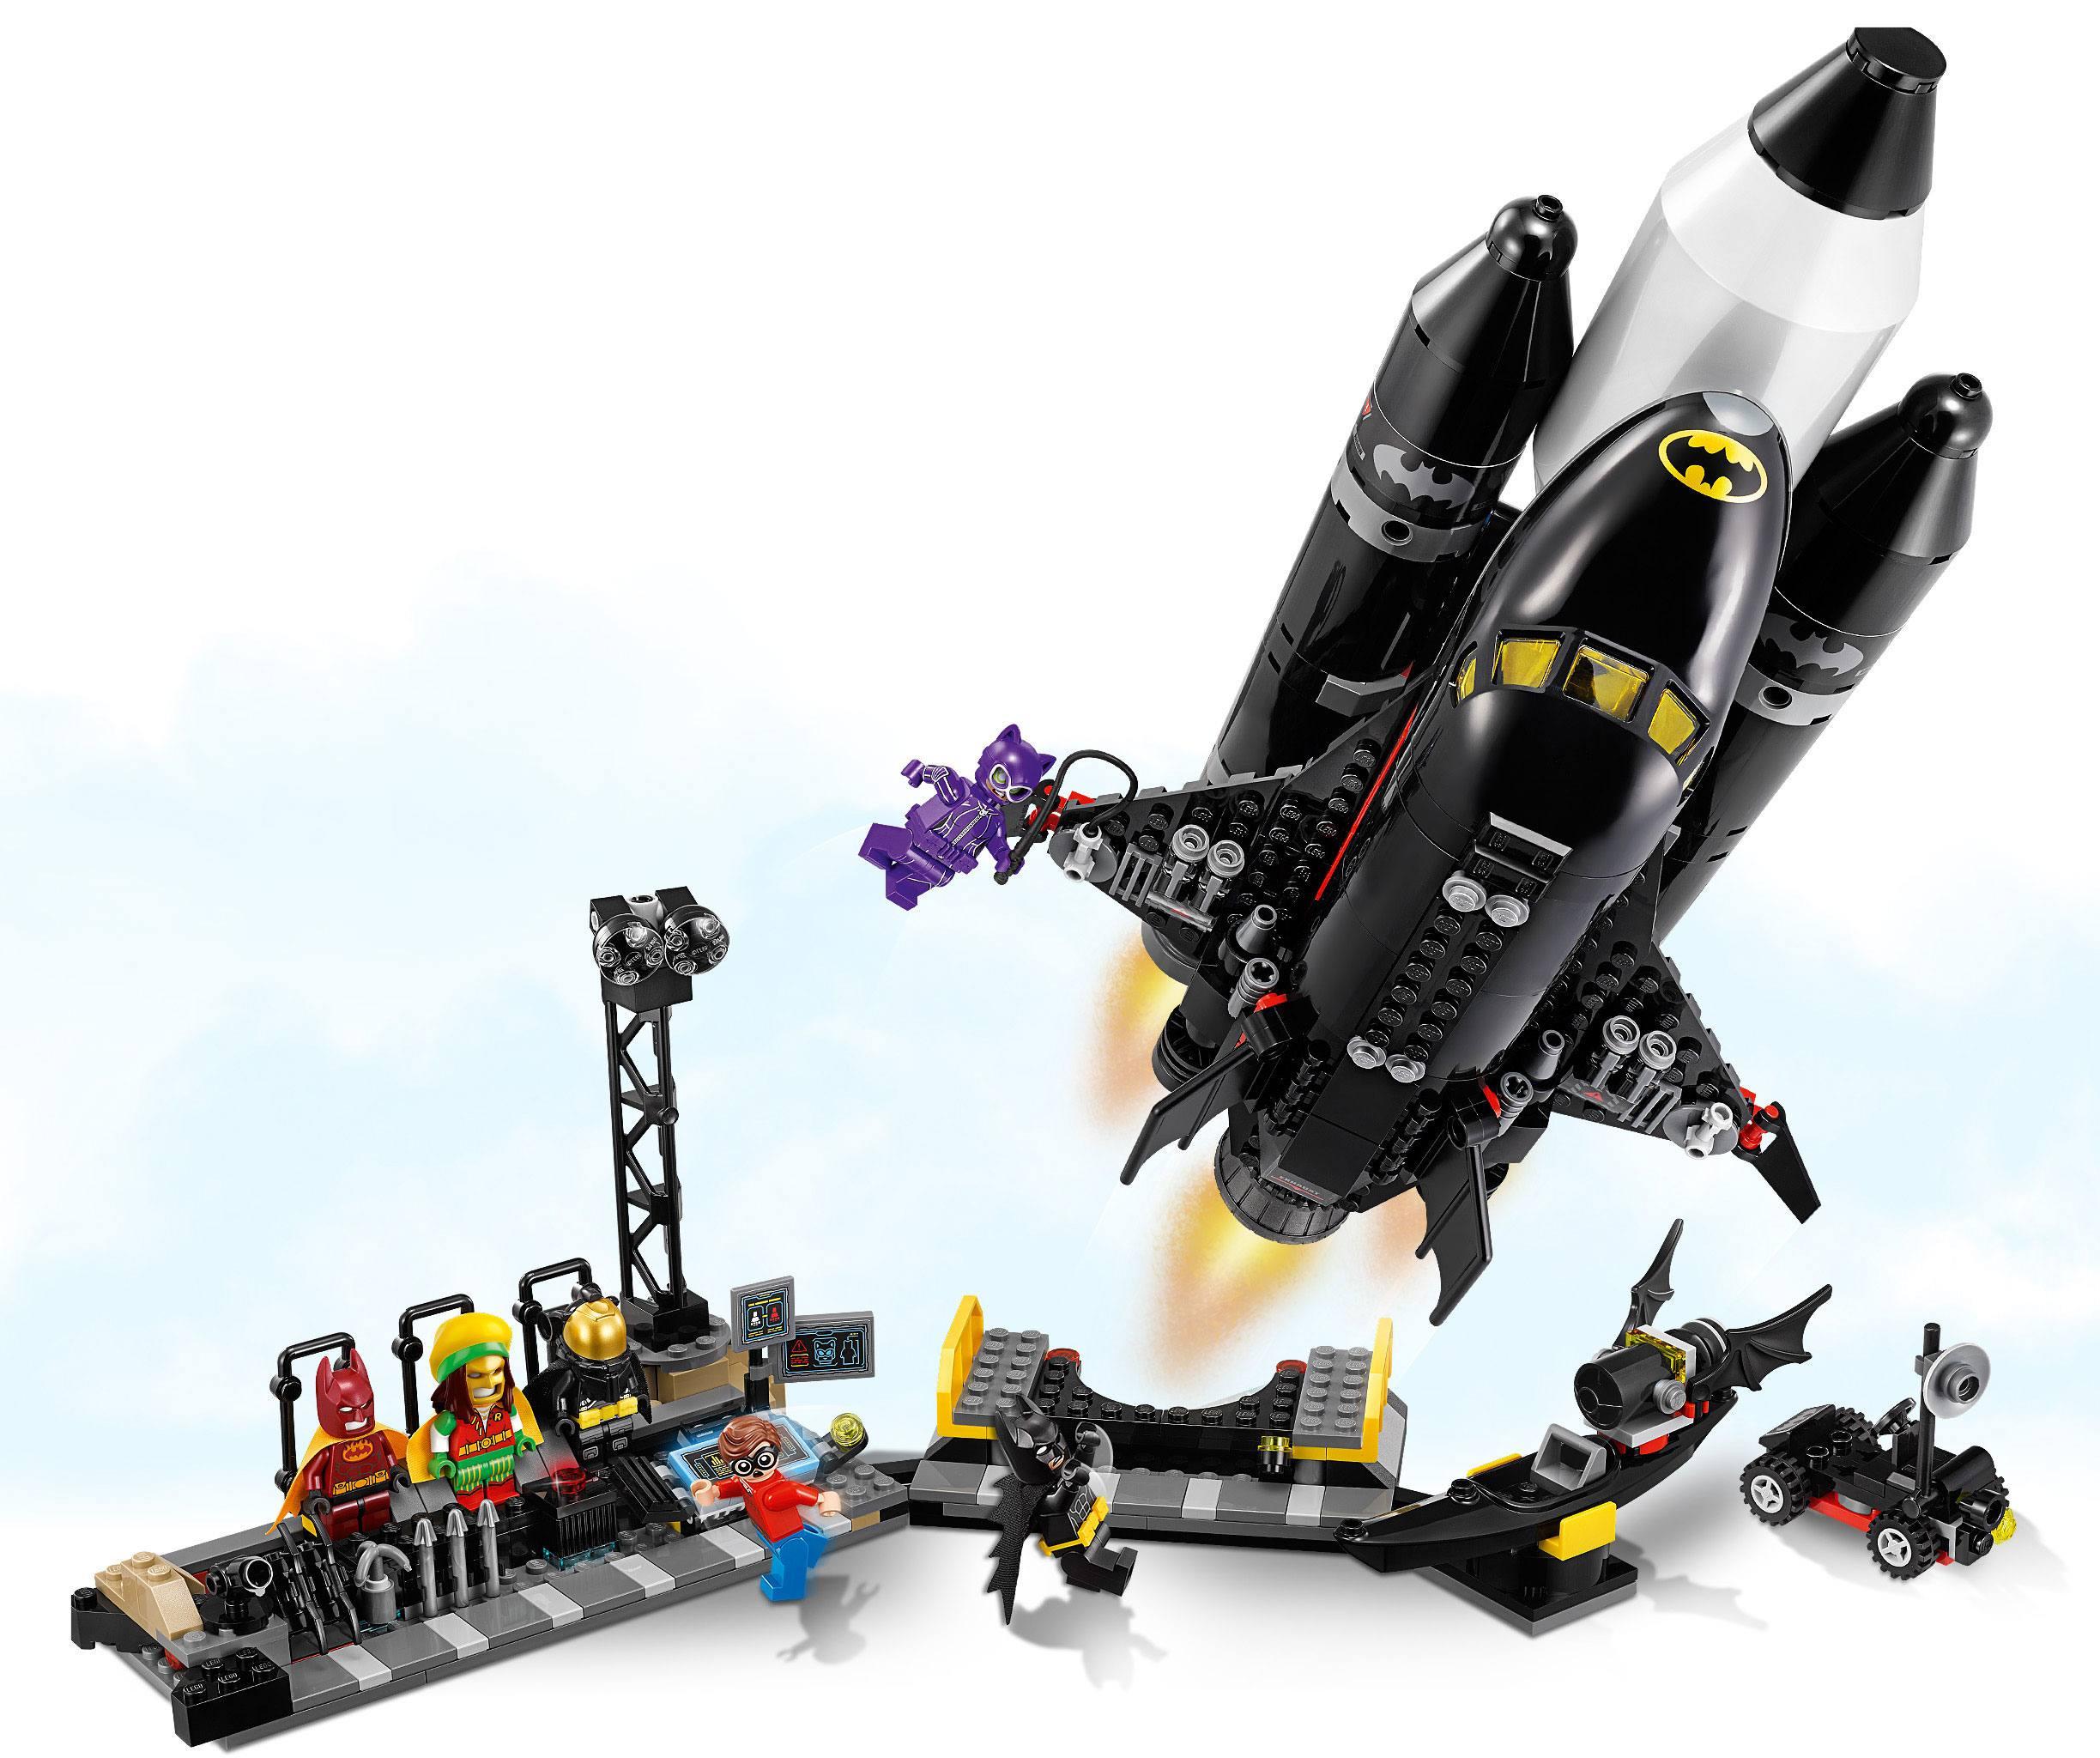 lego batman space shuttle uk - photo #3